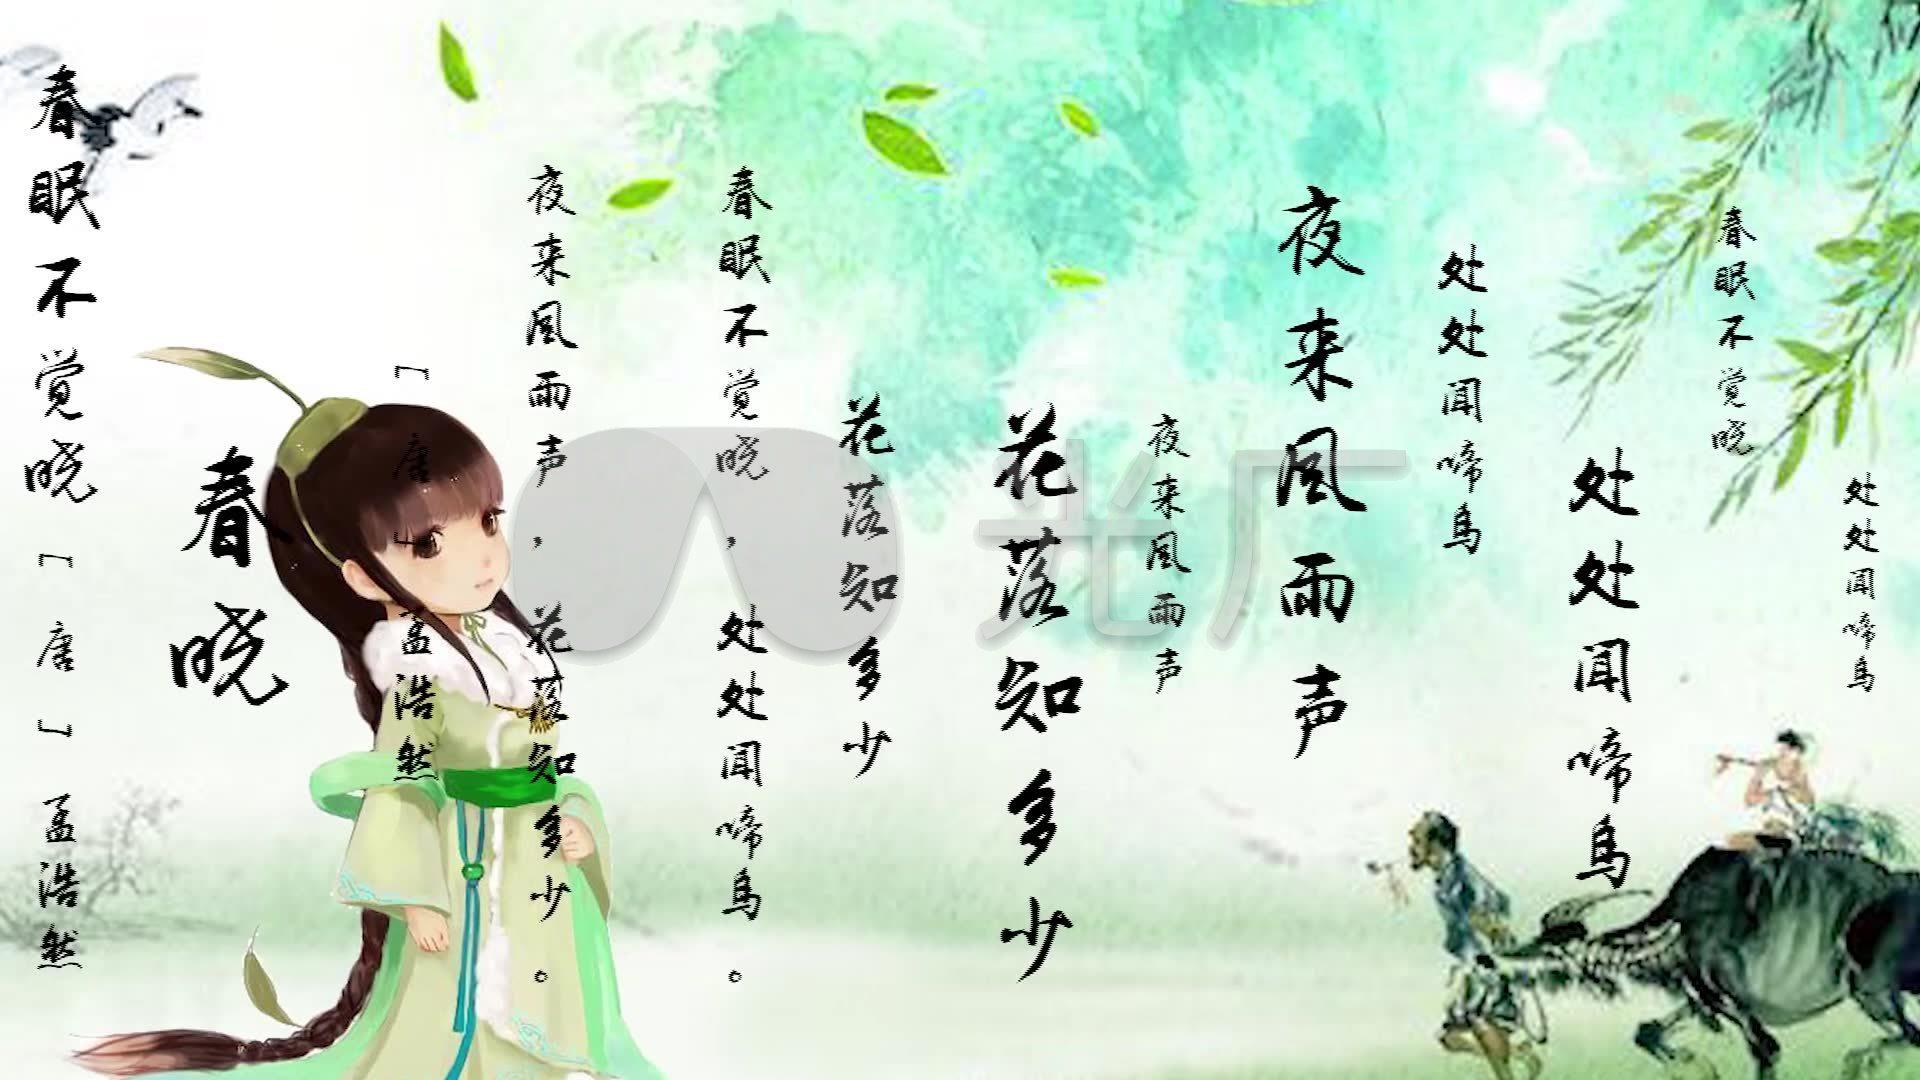 春曉配樂成品兒童歌曲_1920x1080_高清視頻素材下載圖片